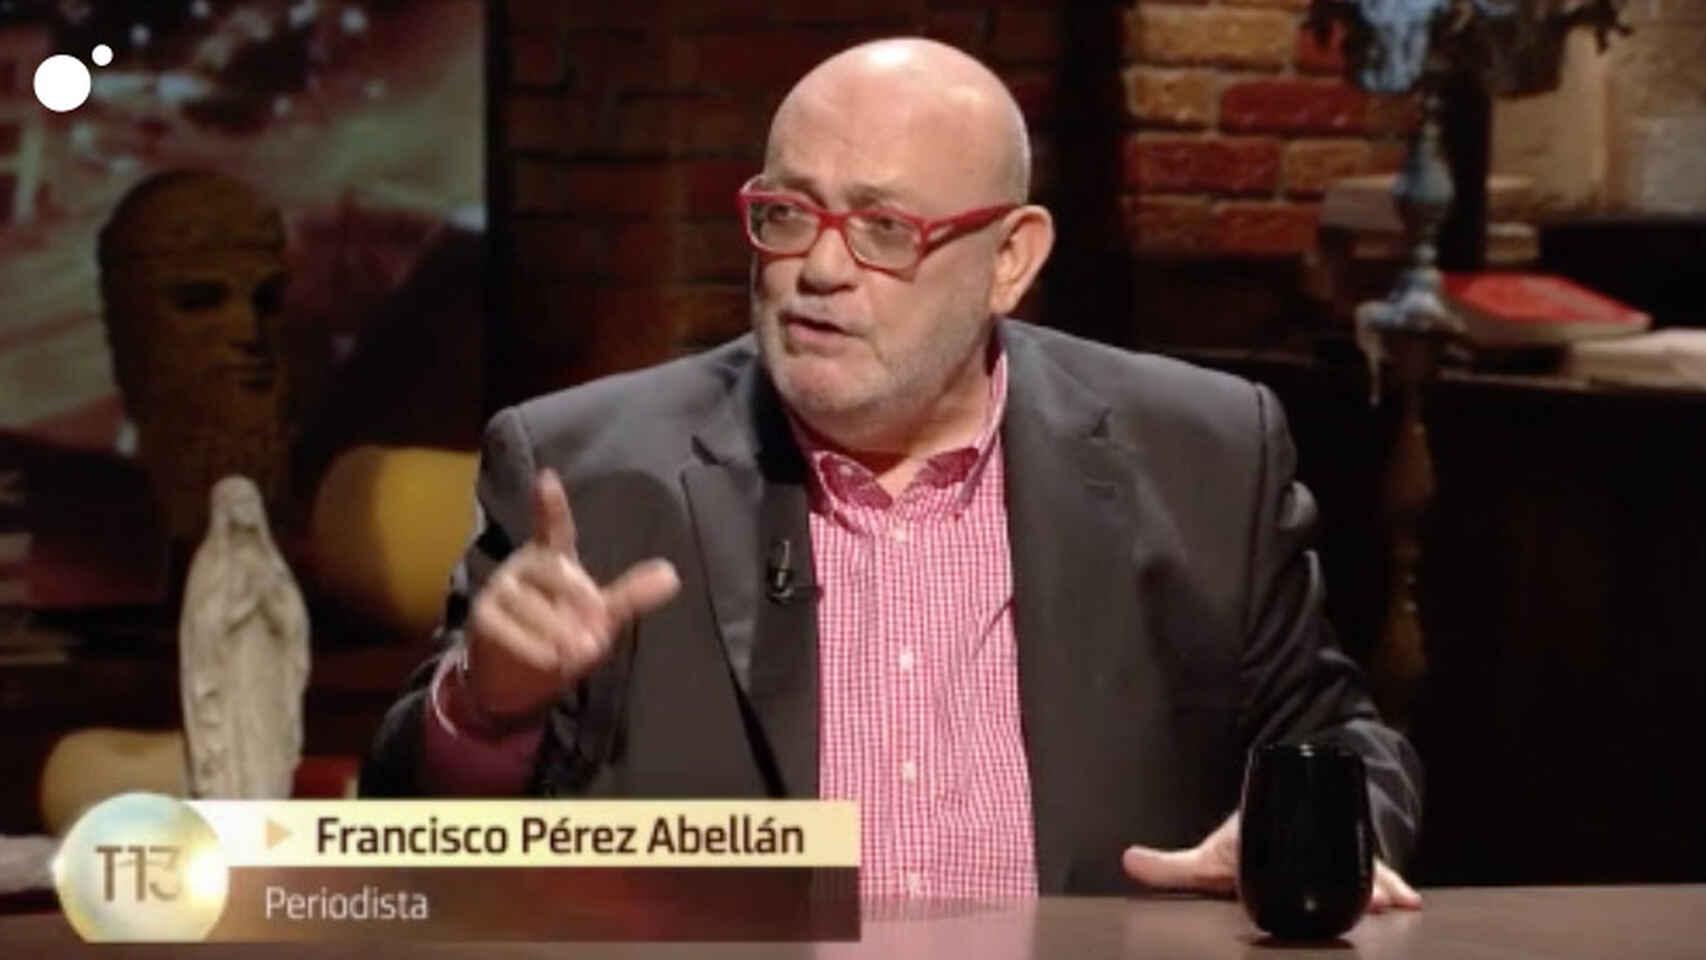 Francisco Pérez Abellán, el alma de la crónica negra